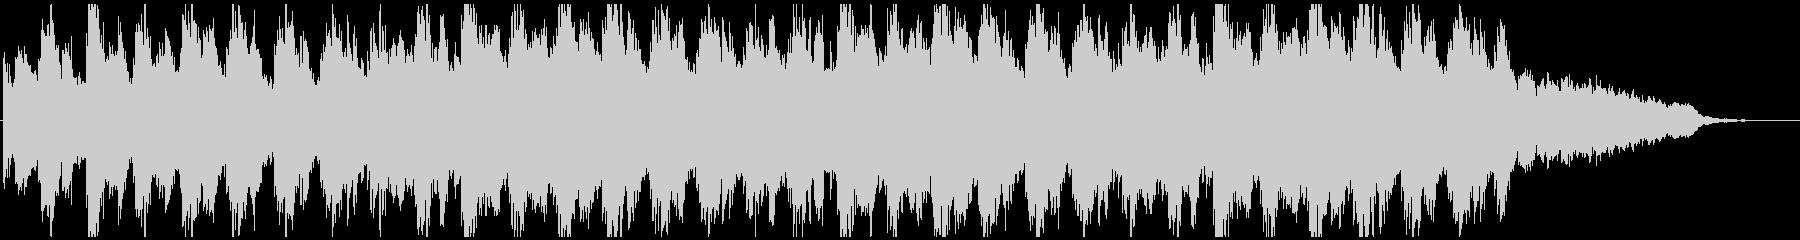 夜明け夕暮れ映像系ピアノアンビエント壮大の未再生の波形